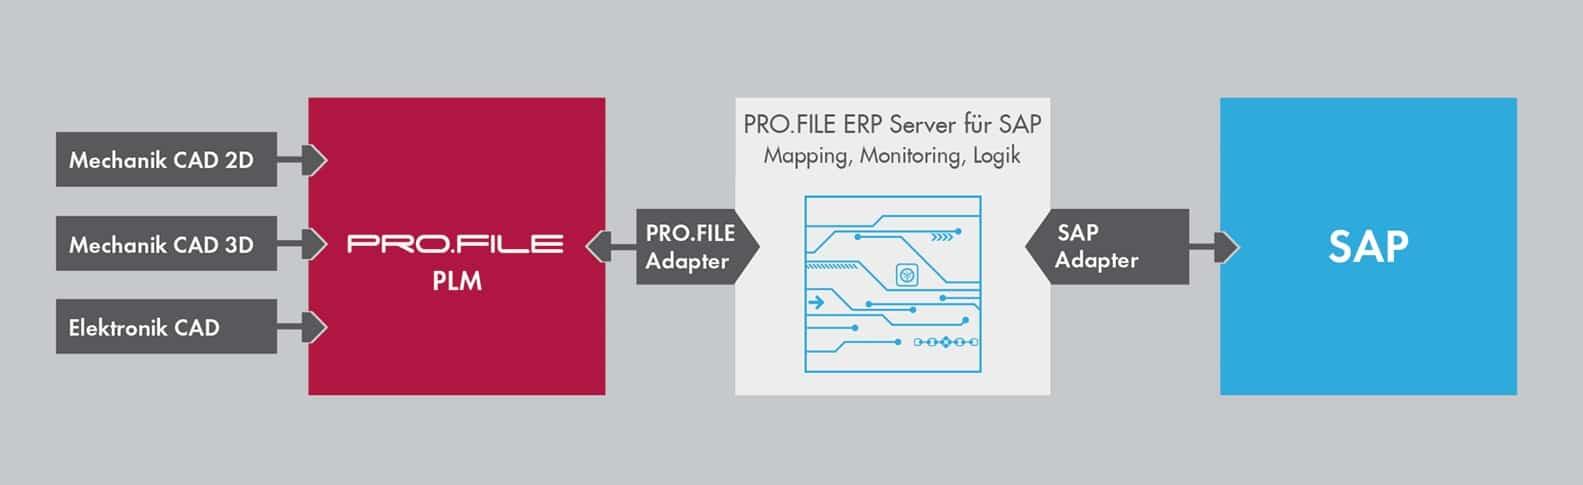 Anbindung von PRO.FILE an SAP S/4Hana